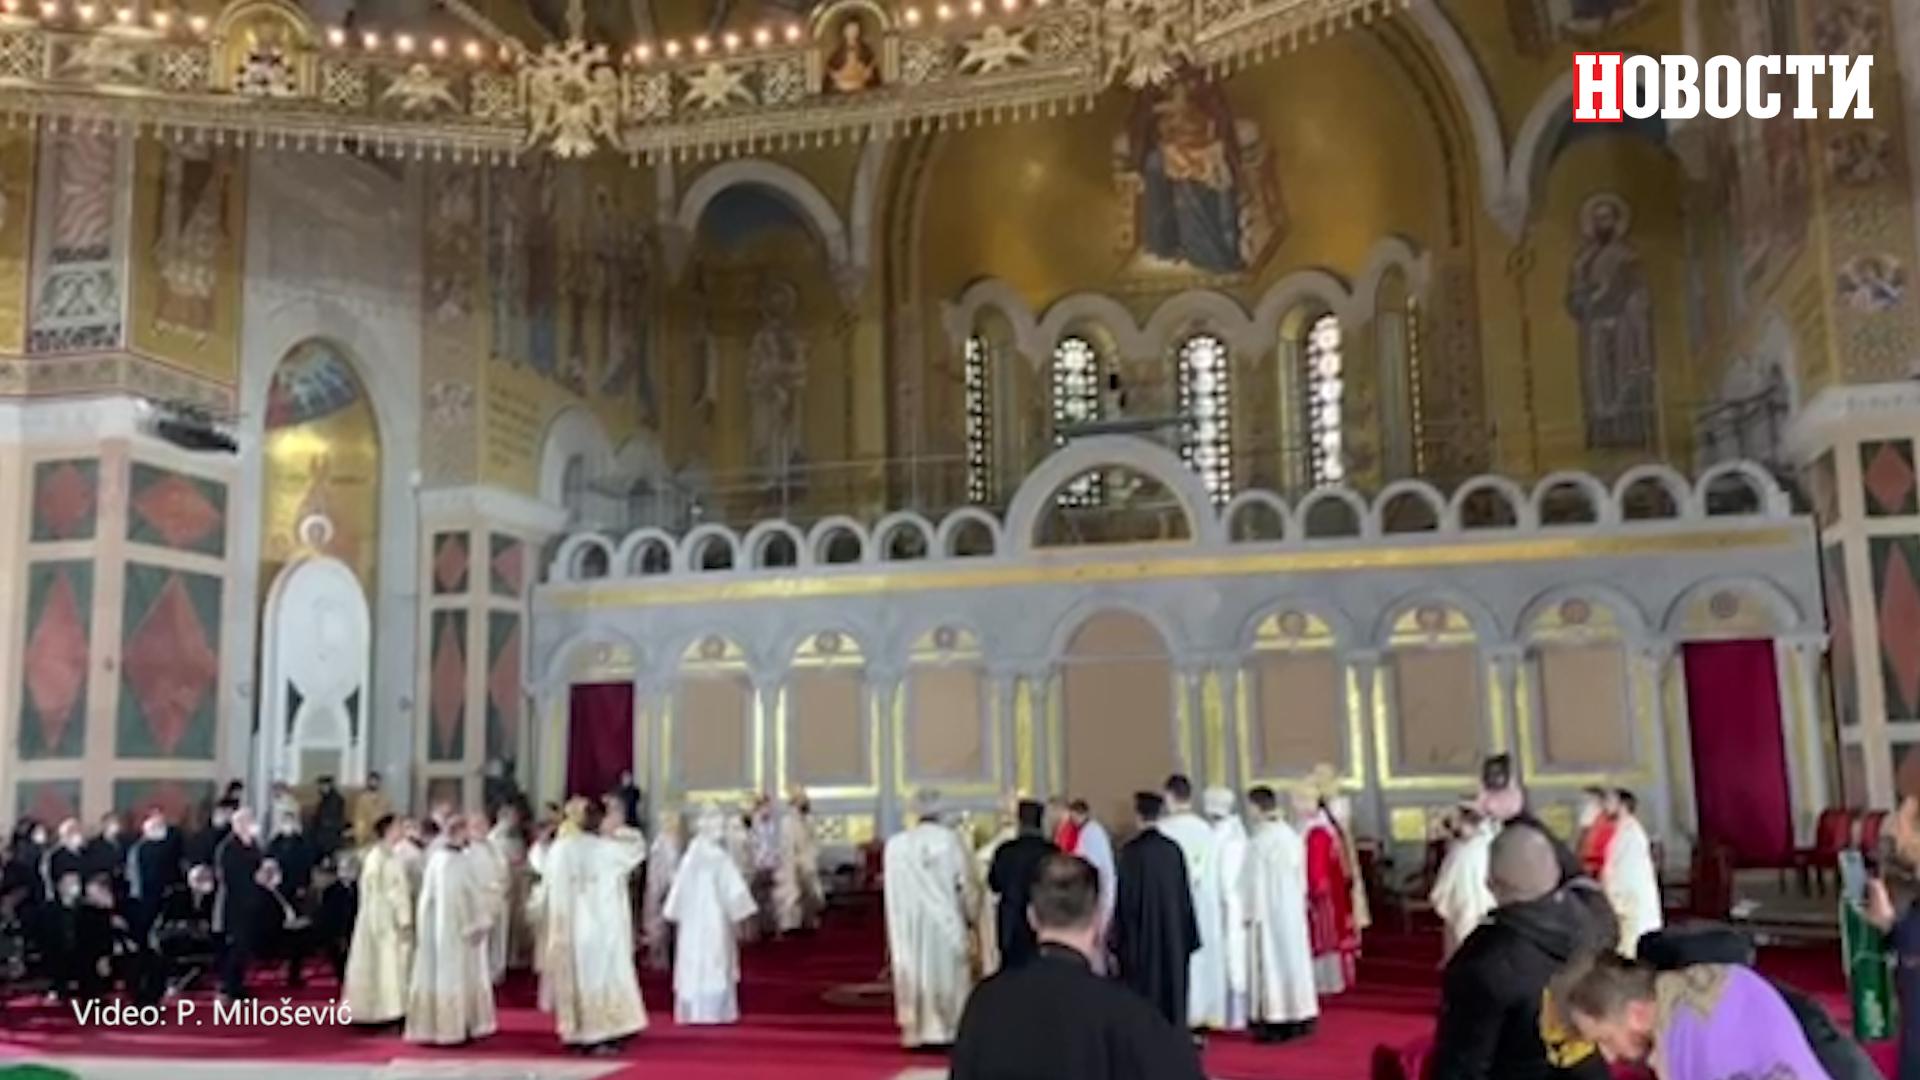 Služenje svete zaupokojene liturgije za patrijarha Irineja